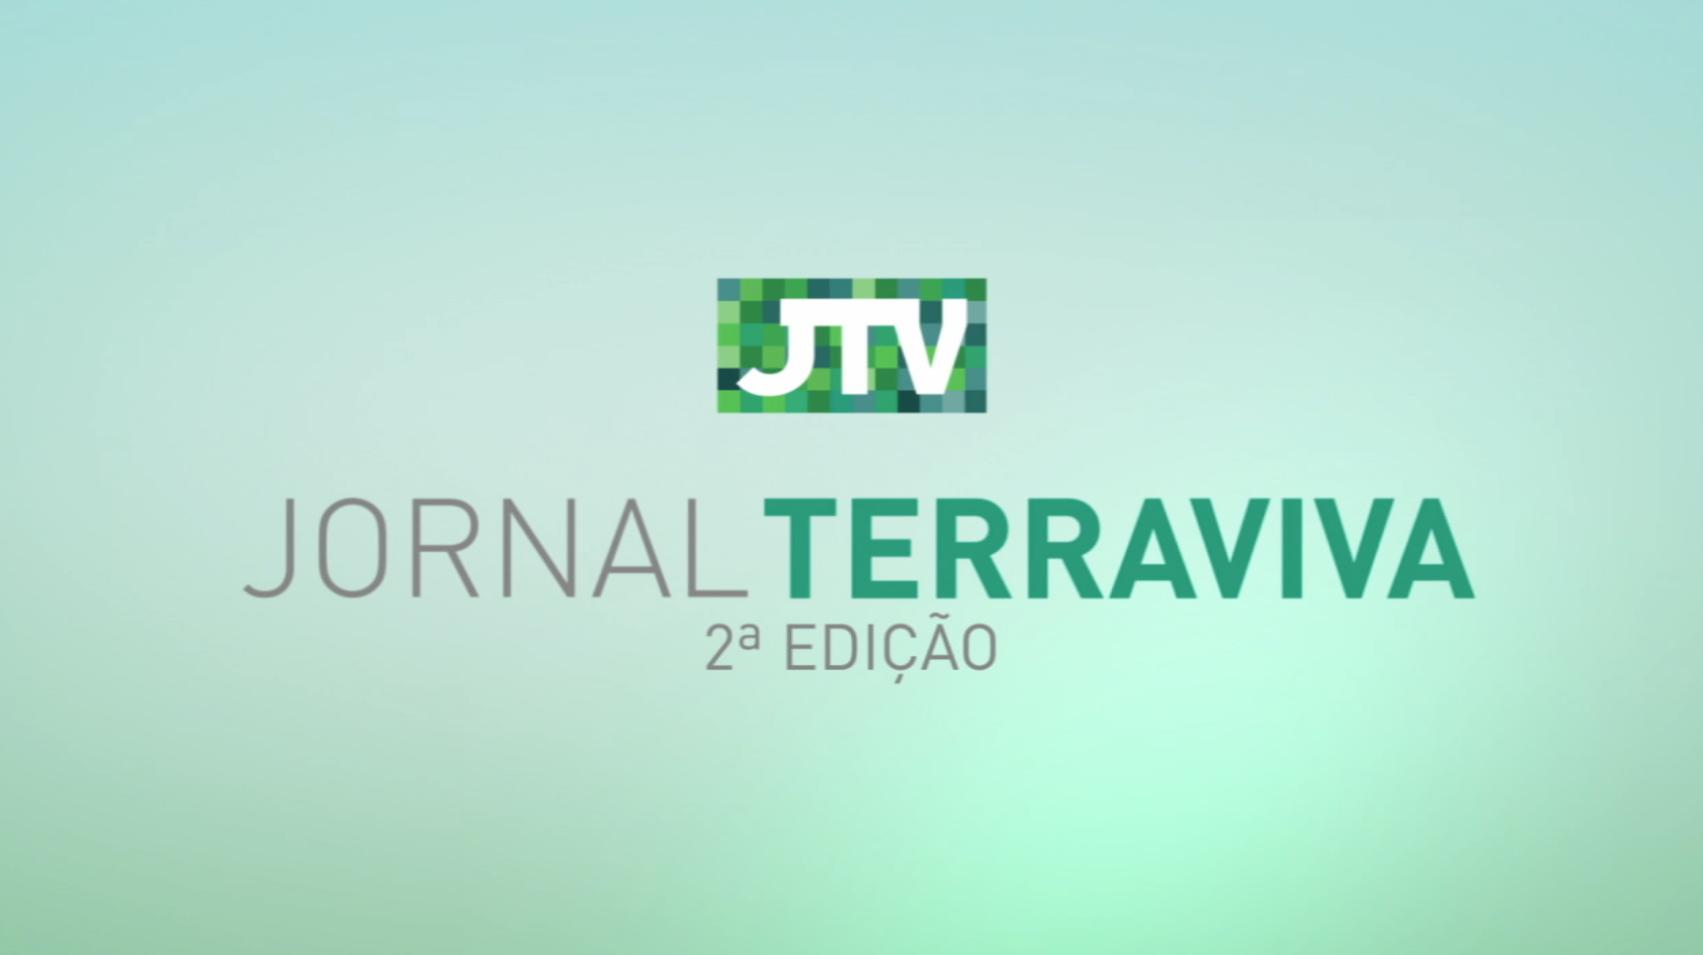 JORNAL TERRAVIVA